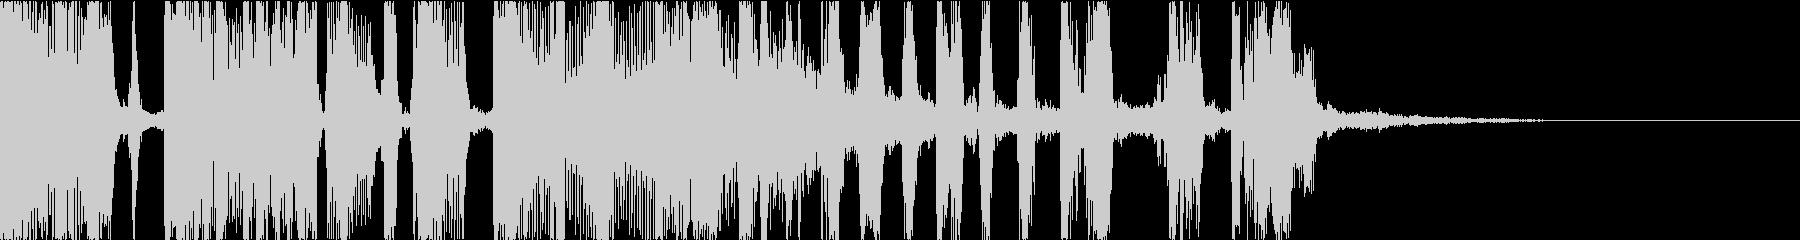 ファンキーなdjスクラッチ・ジングルcの未再生の波形